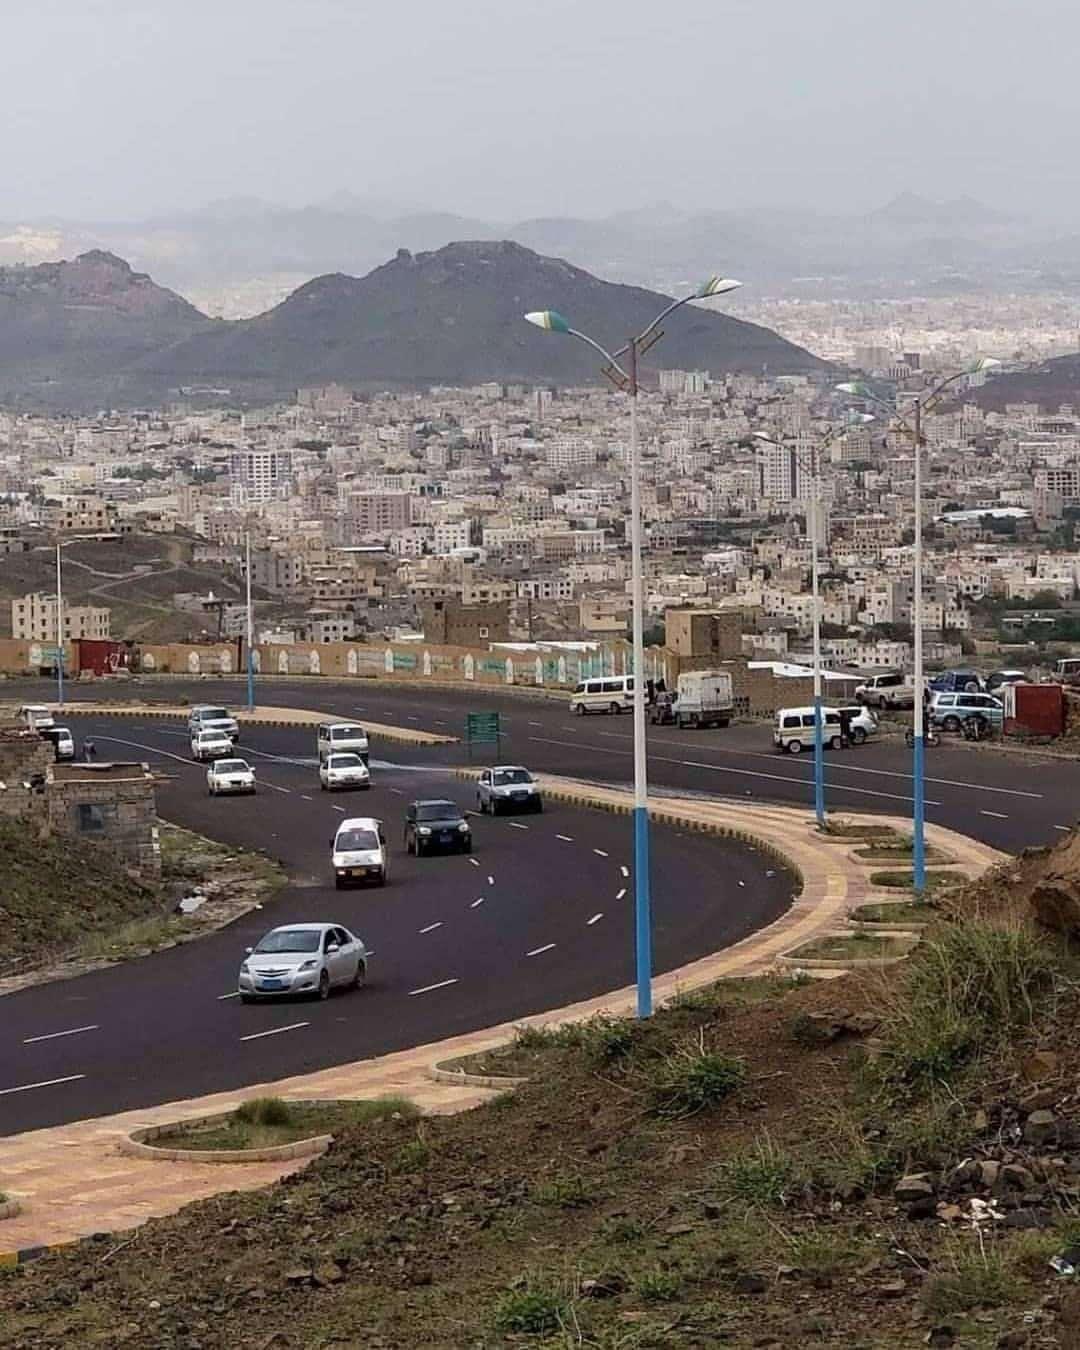 كريتر سكاي ينشر تفاصيل جديدة حول تداعيات تصفية عبدالله الاغبري في صنعاء.. تعرف عليها